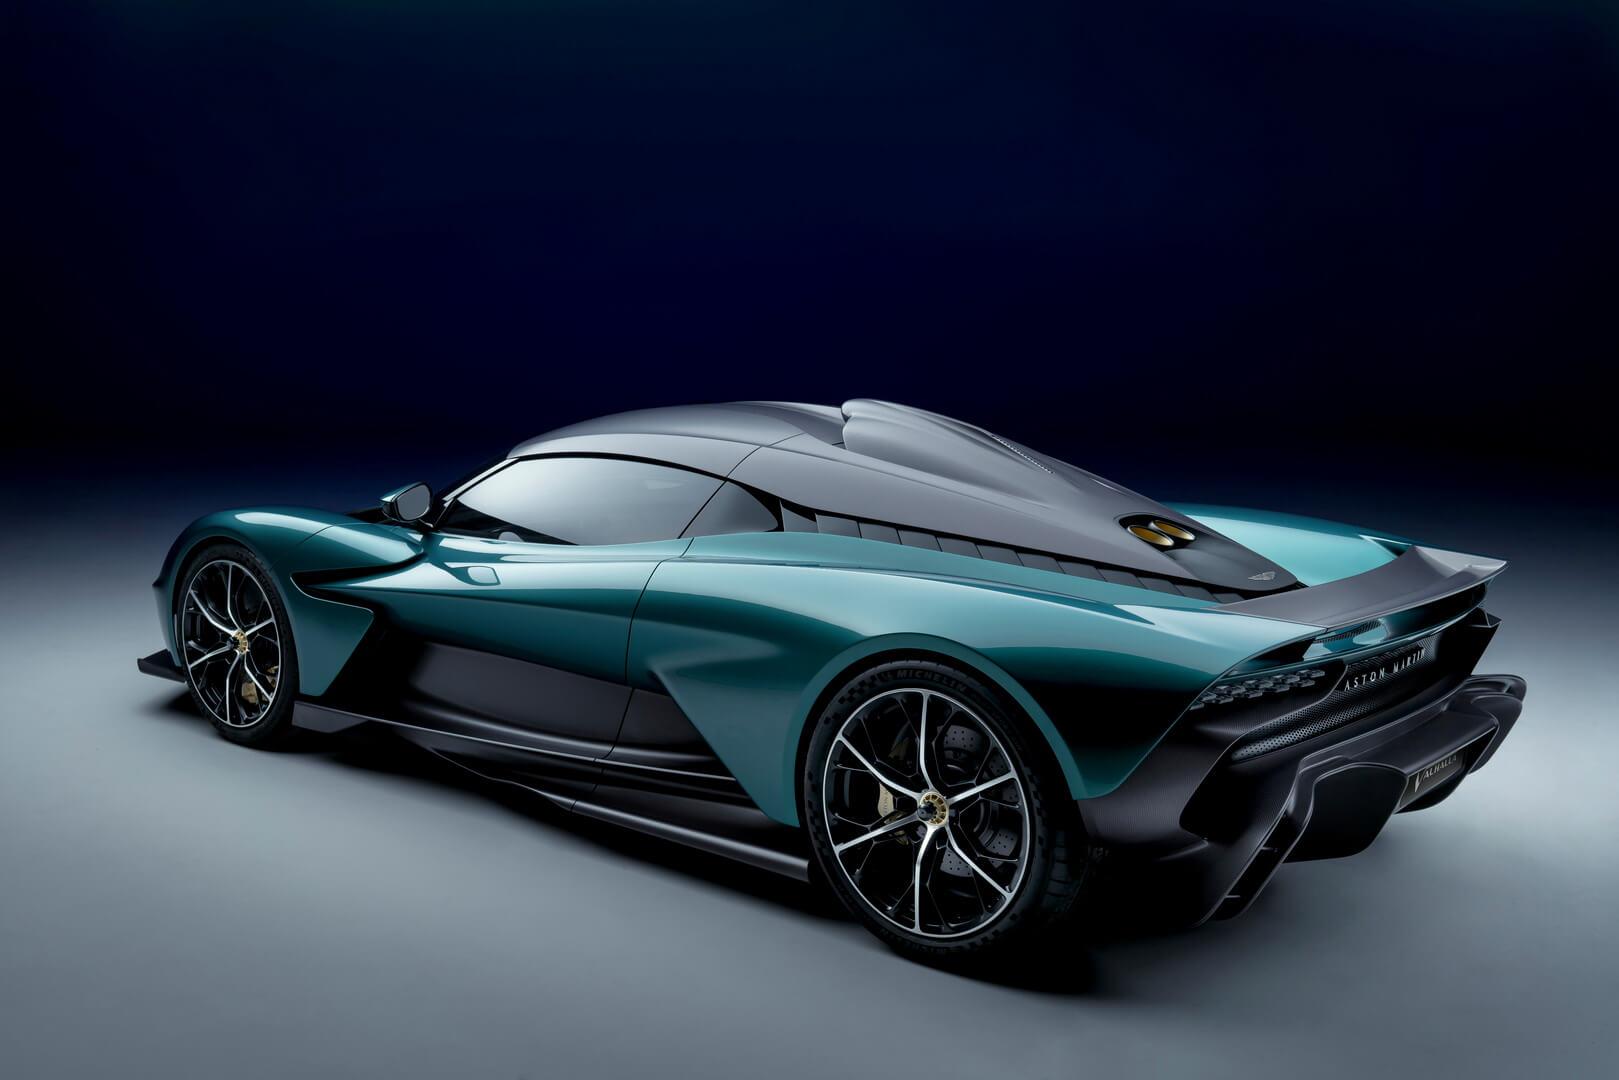 Aston Martin представляет серийную модель Valhalla с950-сильным гибридным двигателем